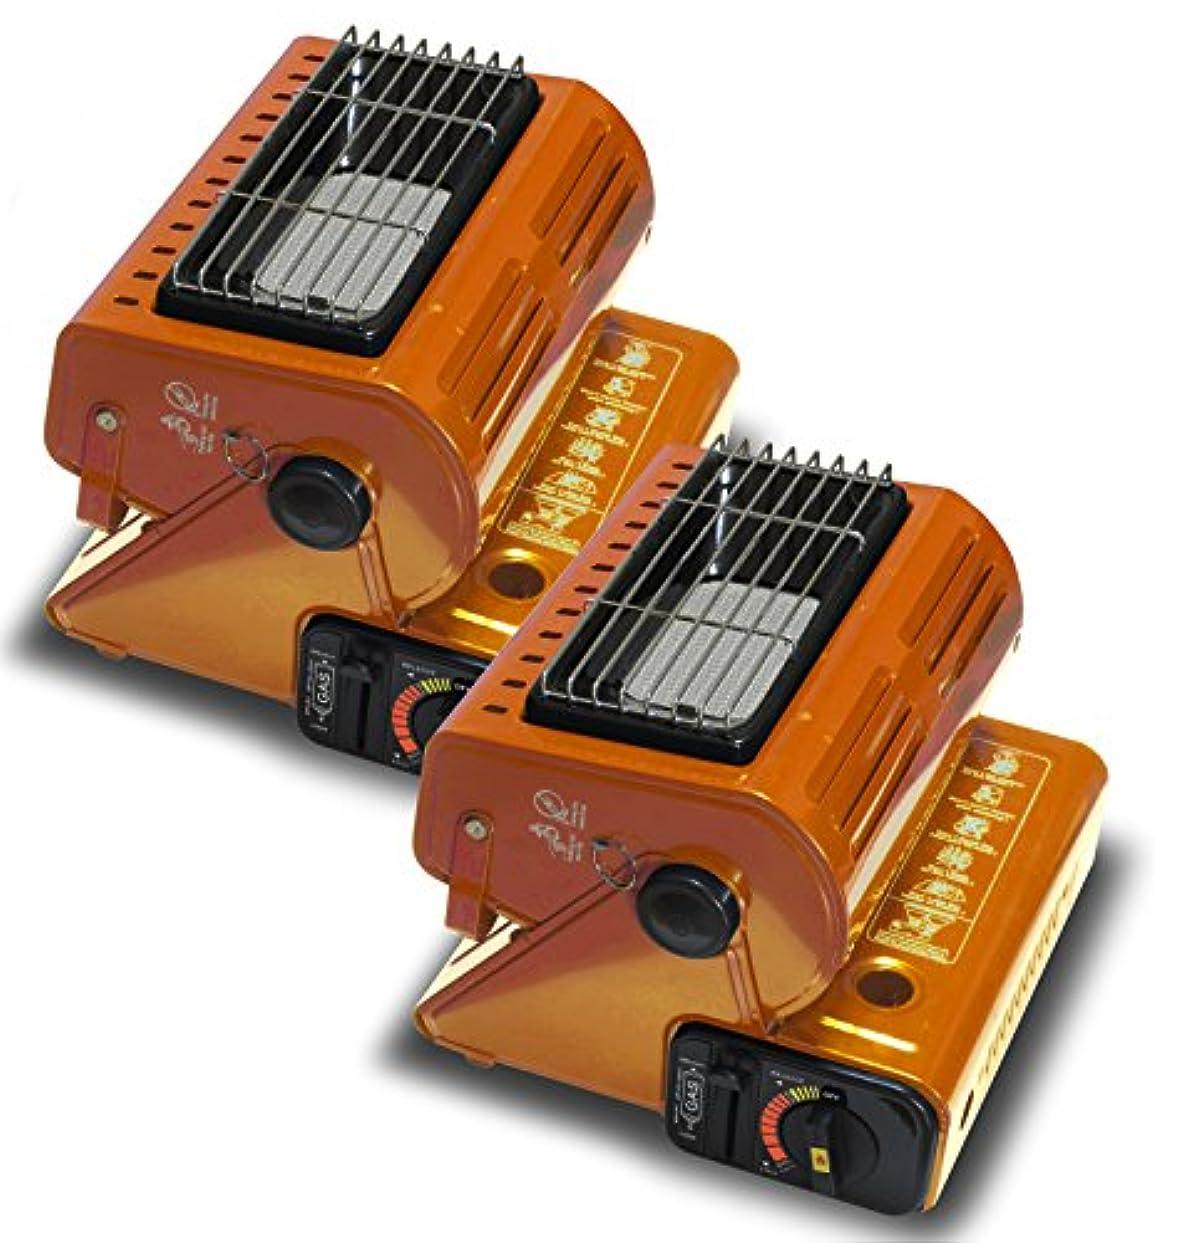 限られた確保するおんどりSEIKOH カセットガスストーブ 2個セット A64NFSET2 オレンジ 小型 カセットボンベ式 電源不要 角度調節可能